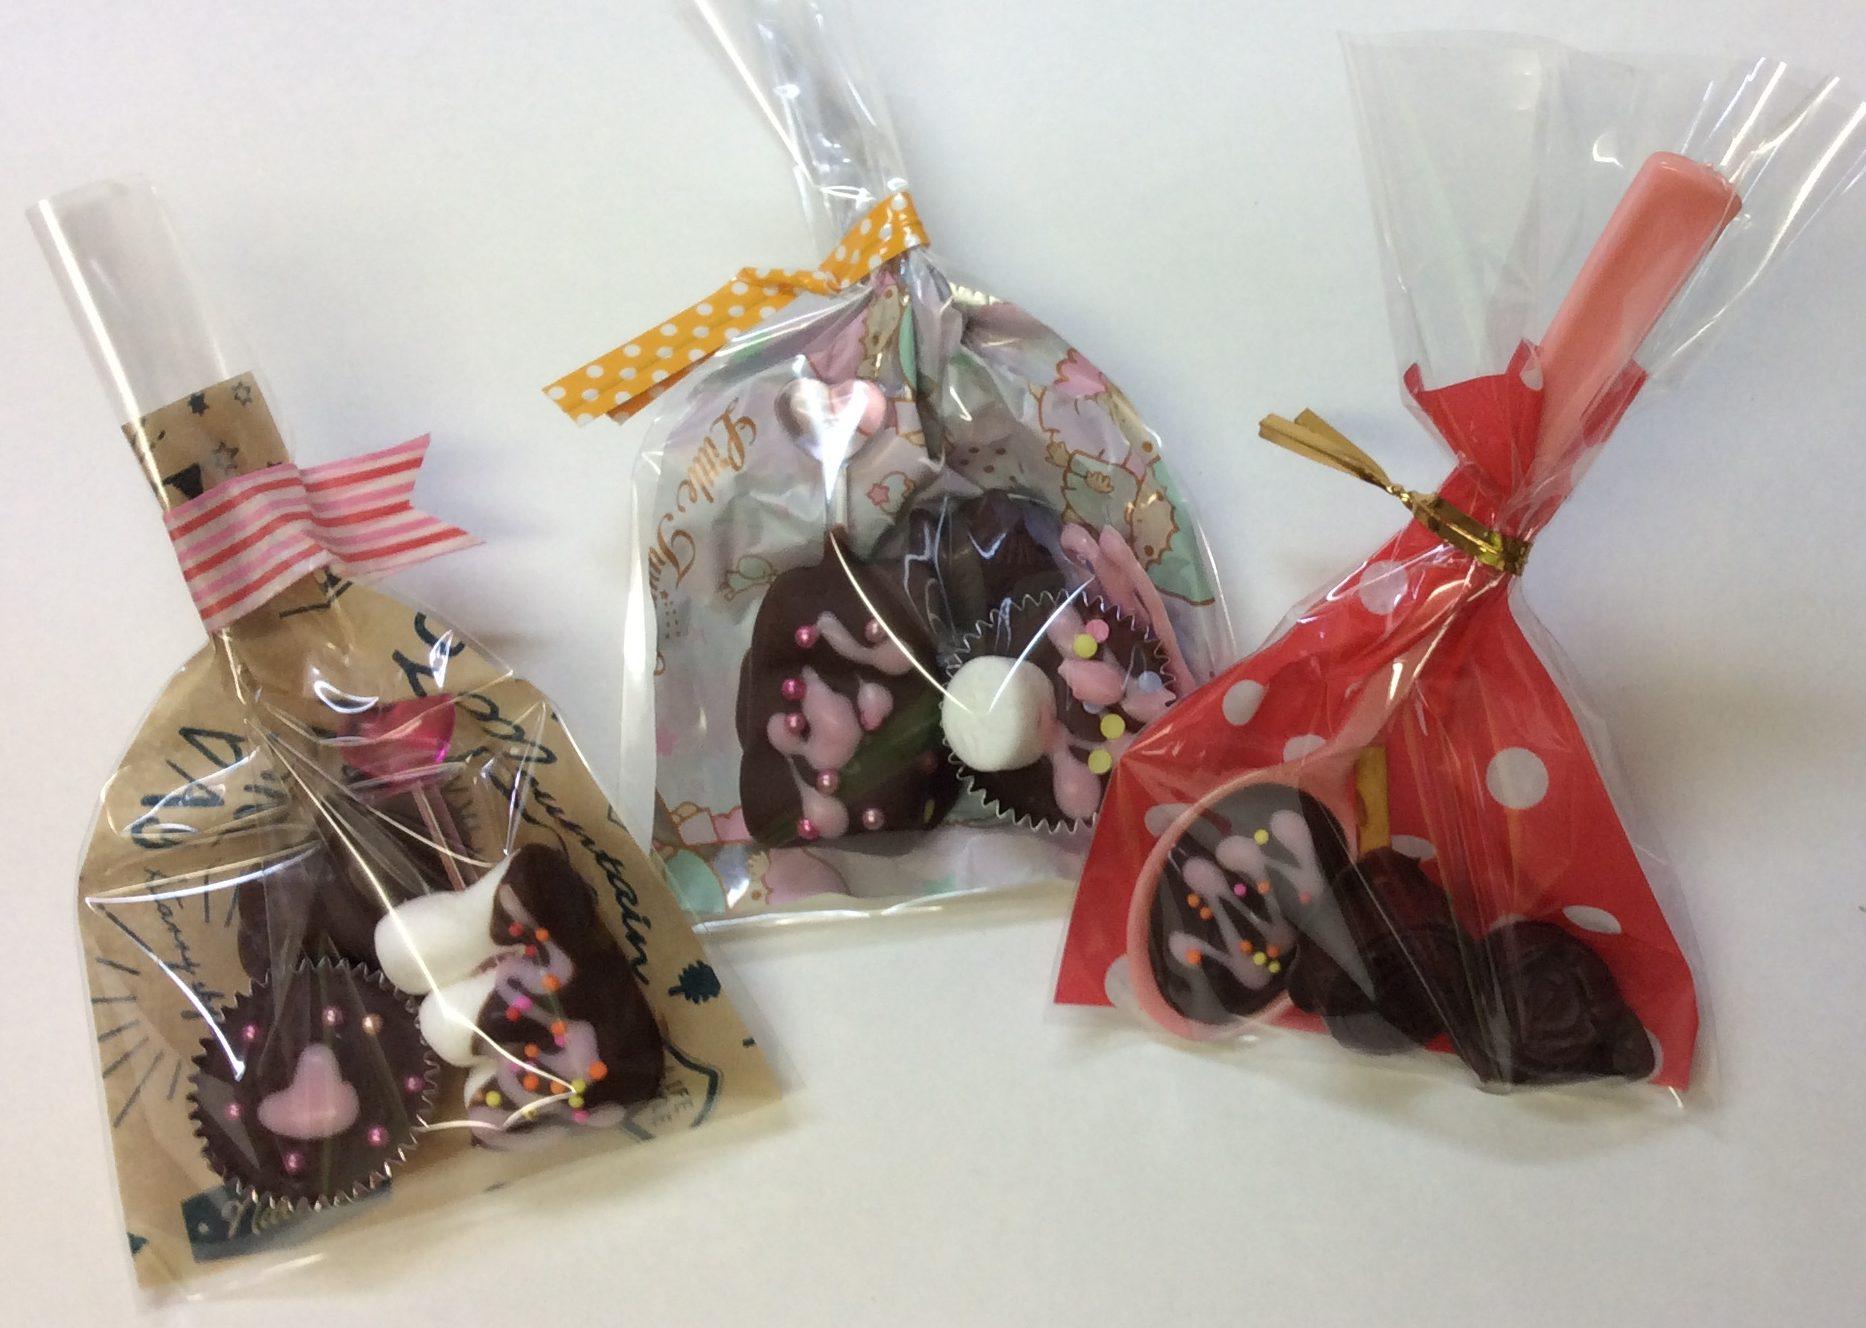 バレンタインに湯煎なしで小学生でも作れるお菓子はこれ!簡単まぜるだけ・デコで可愛く!ラッピング例